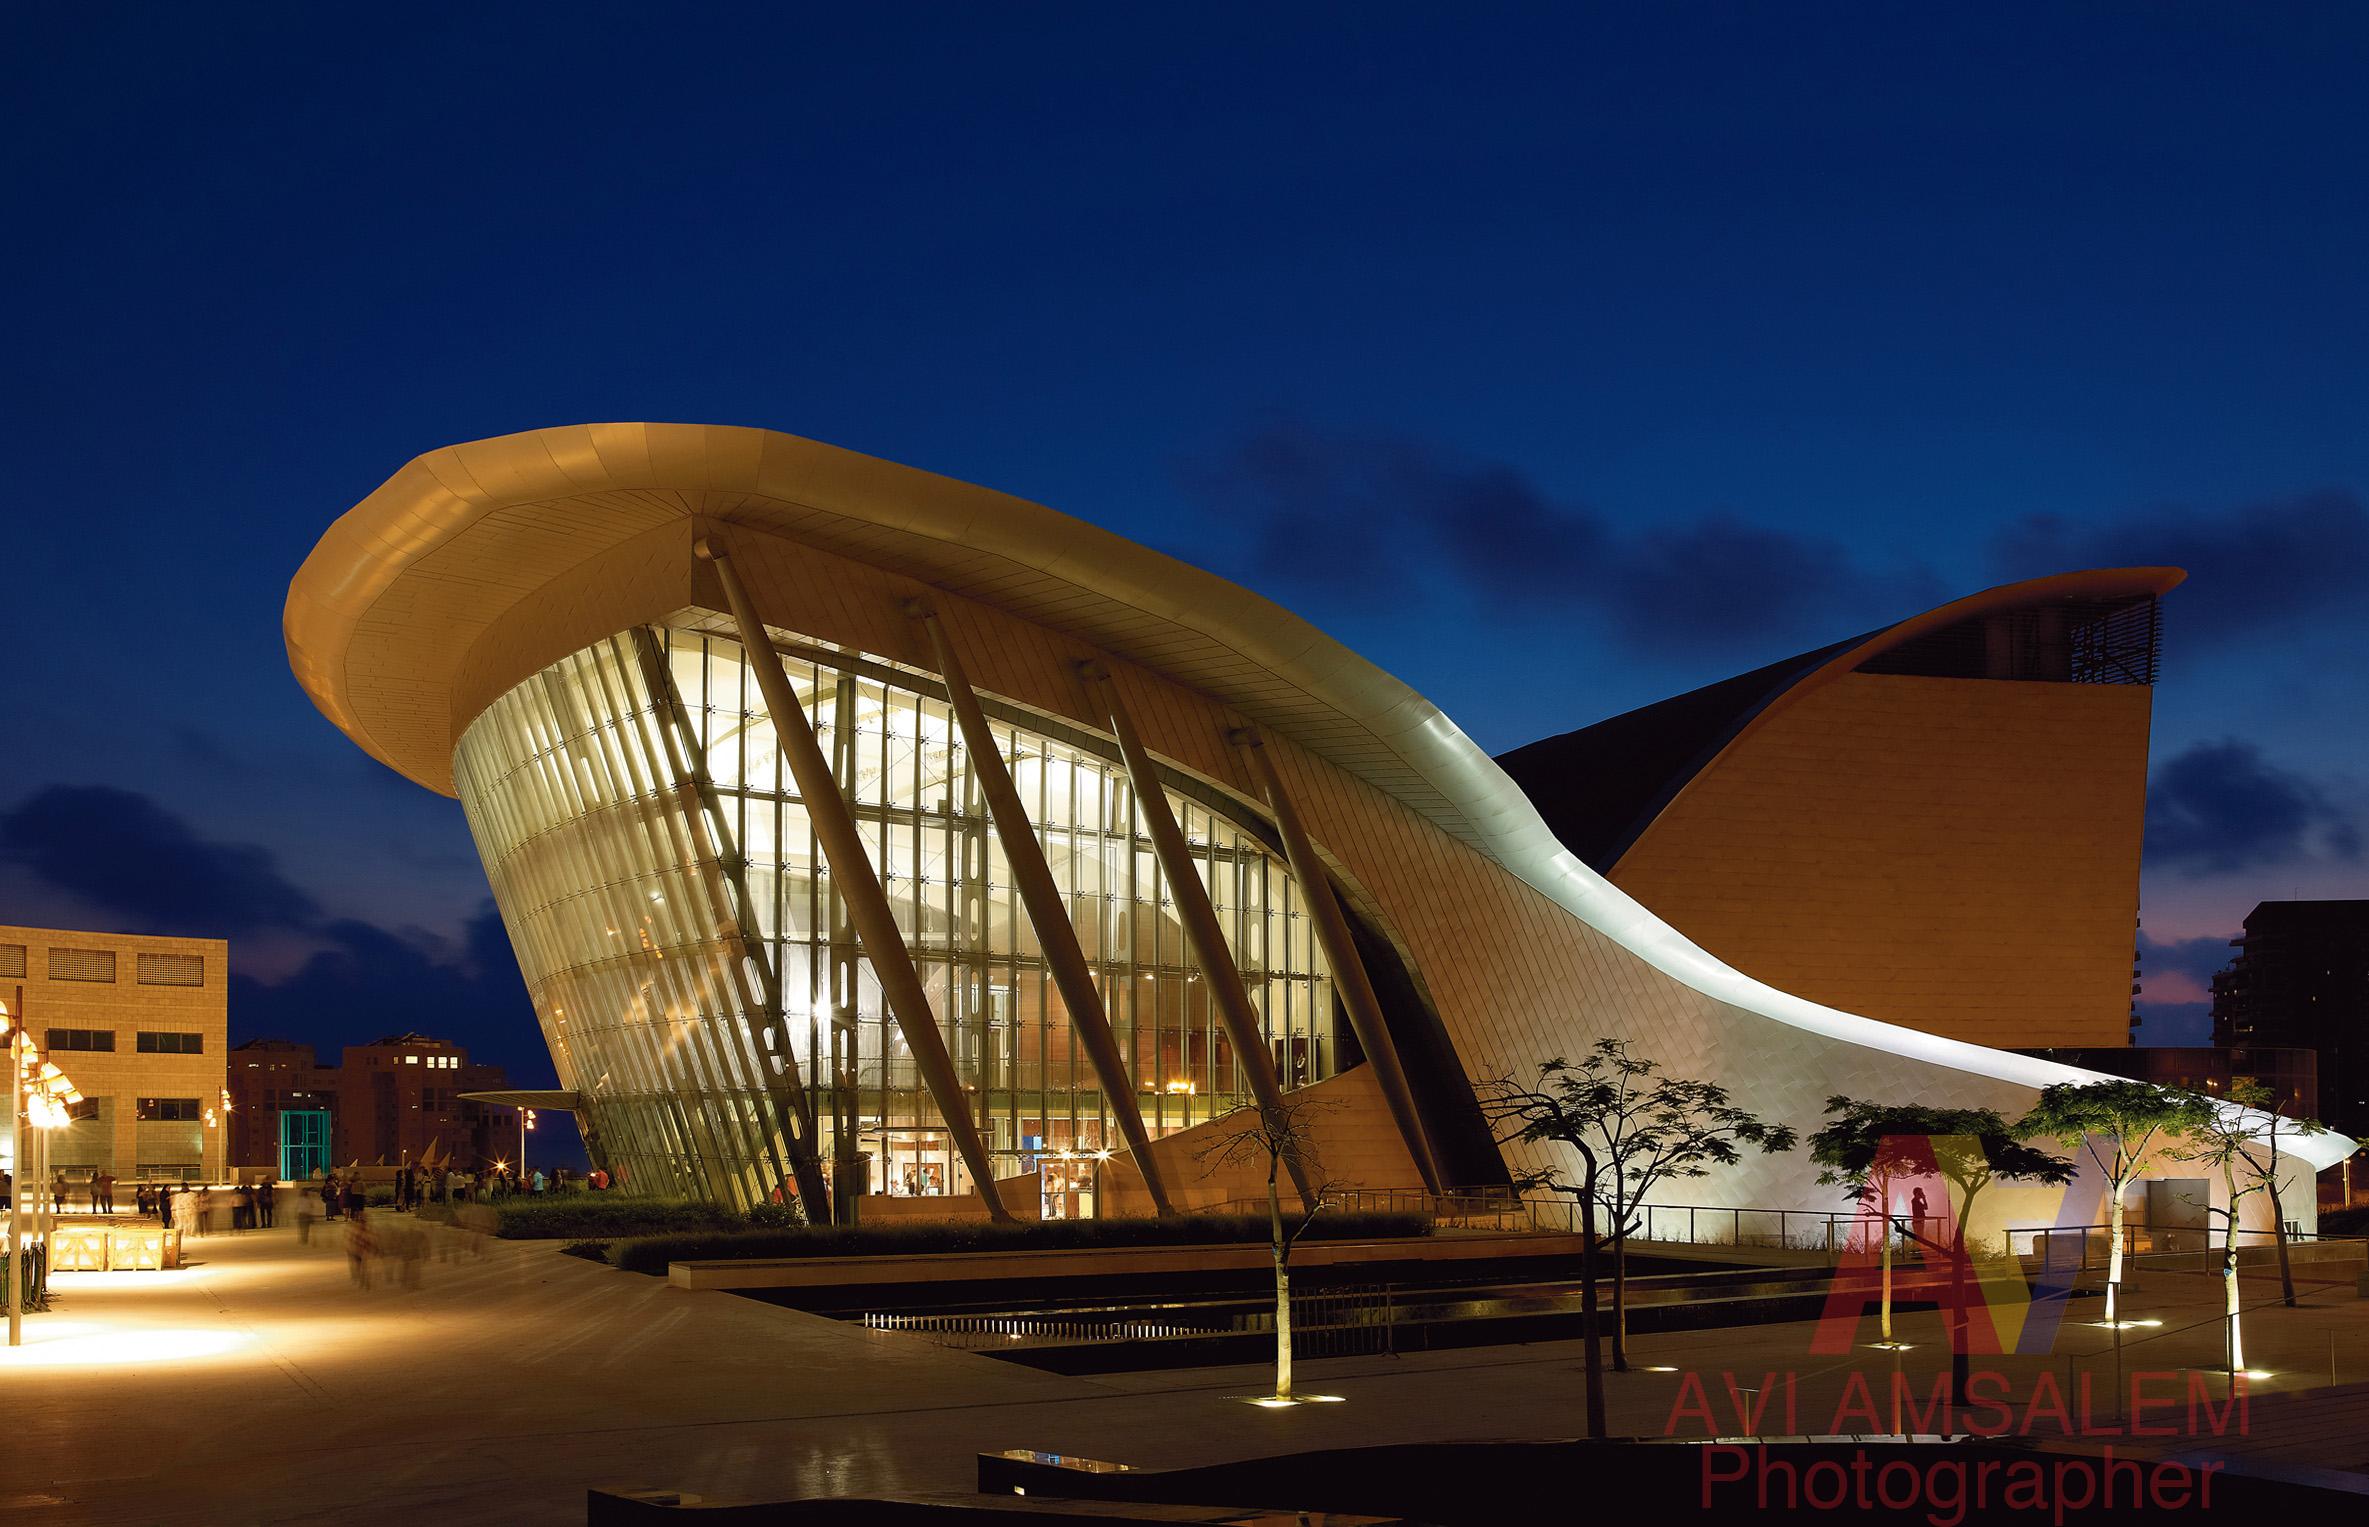 צילום ארכיטקטורה 20